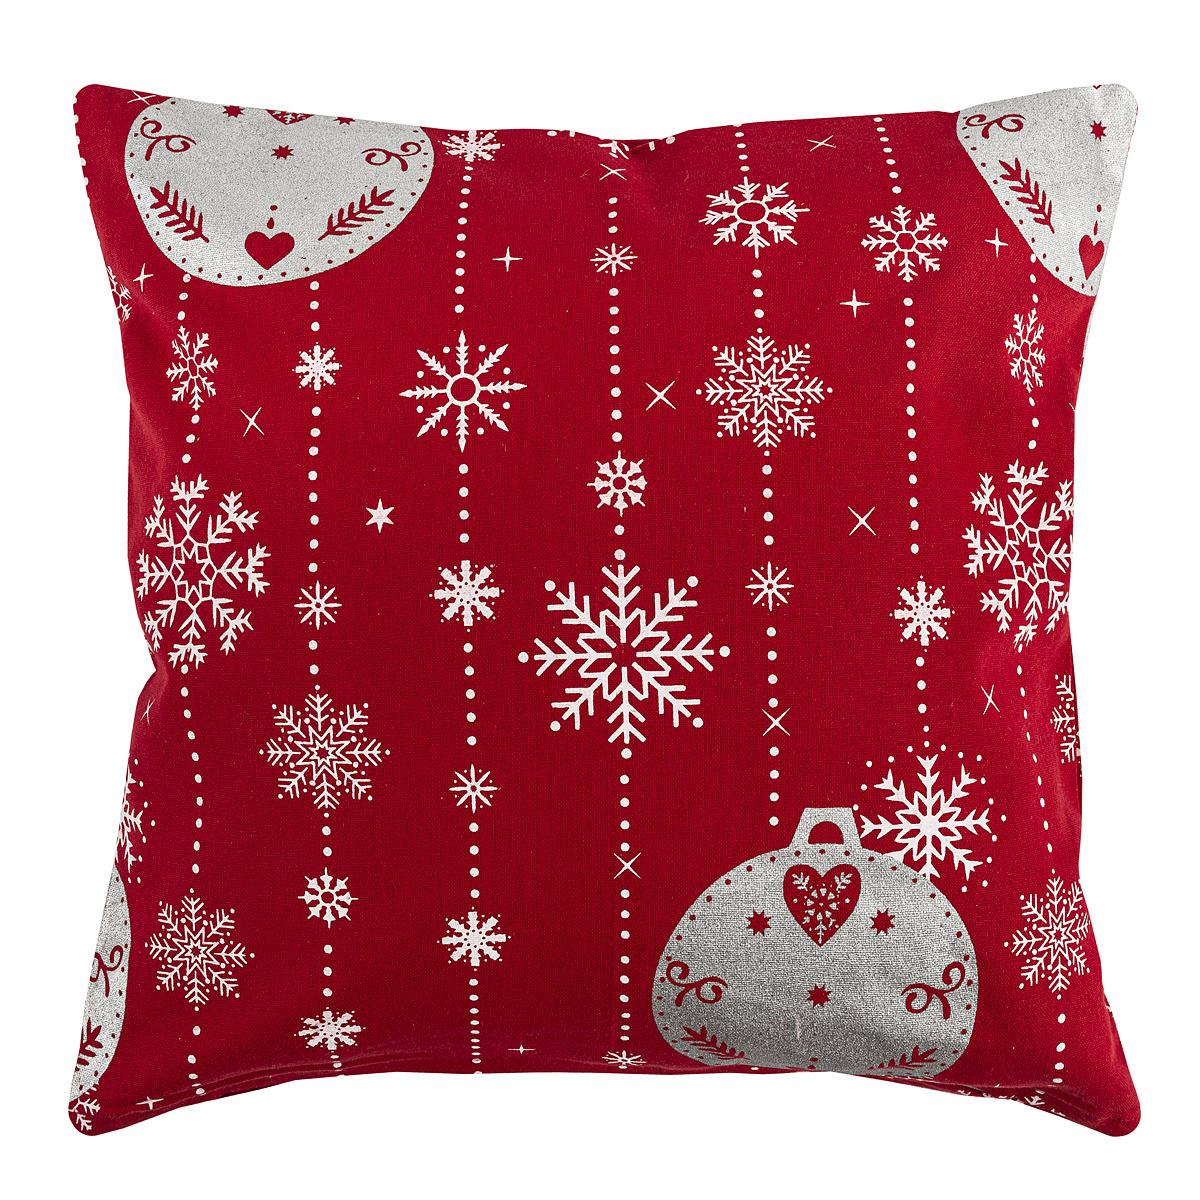 Forbyt Vianočná obliečka na vankúšik Vianočné ozdoby červená, 40 x 40 cm